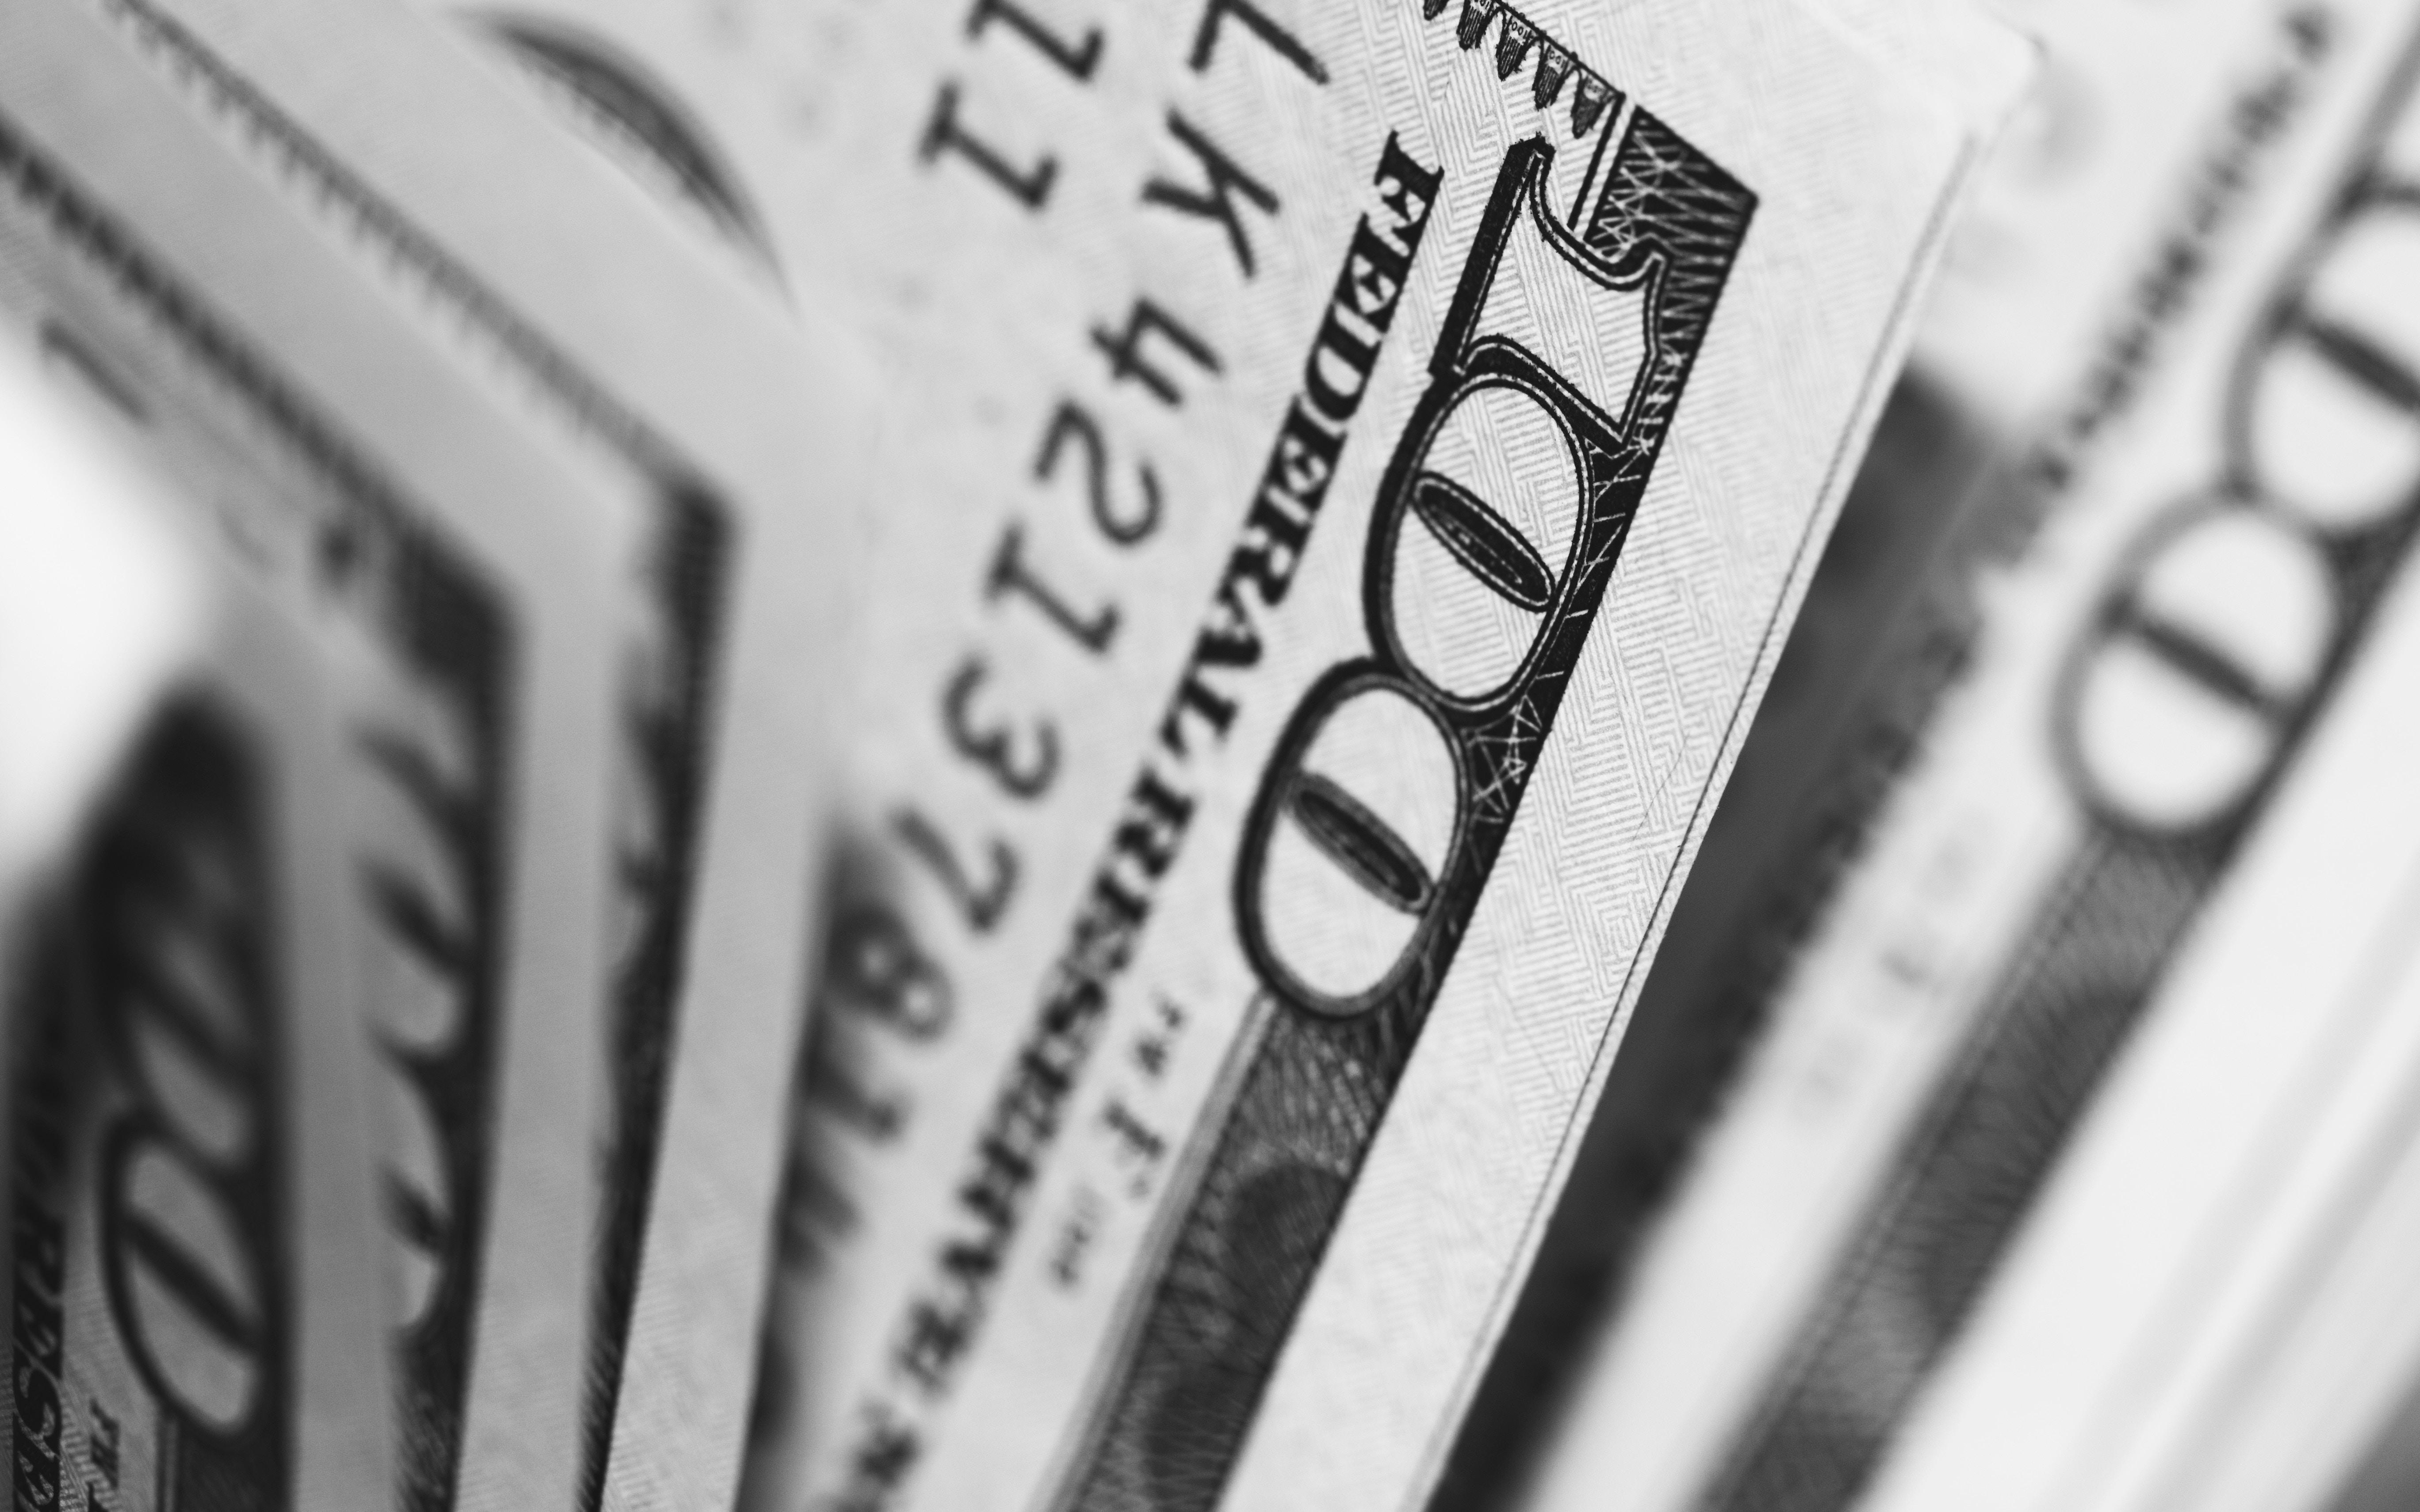 Orçamento inicial de uma empresa: como calcular o investimento necessário